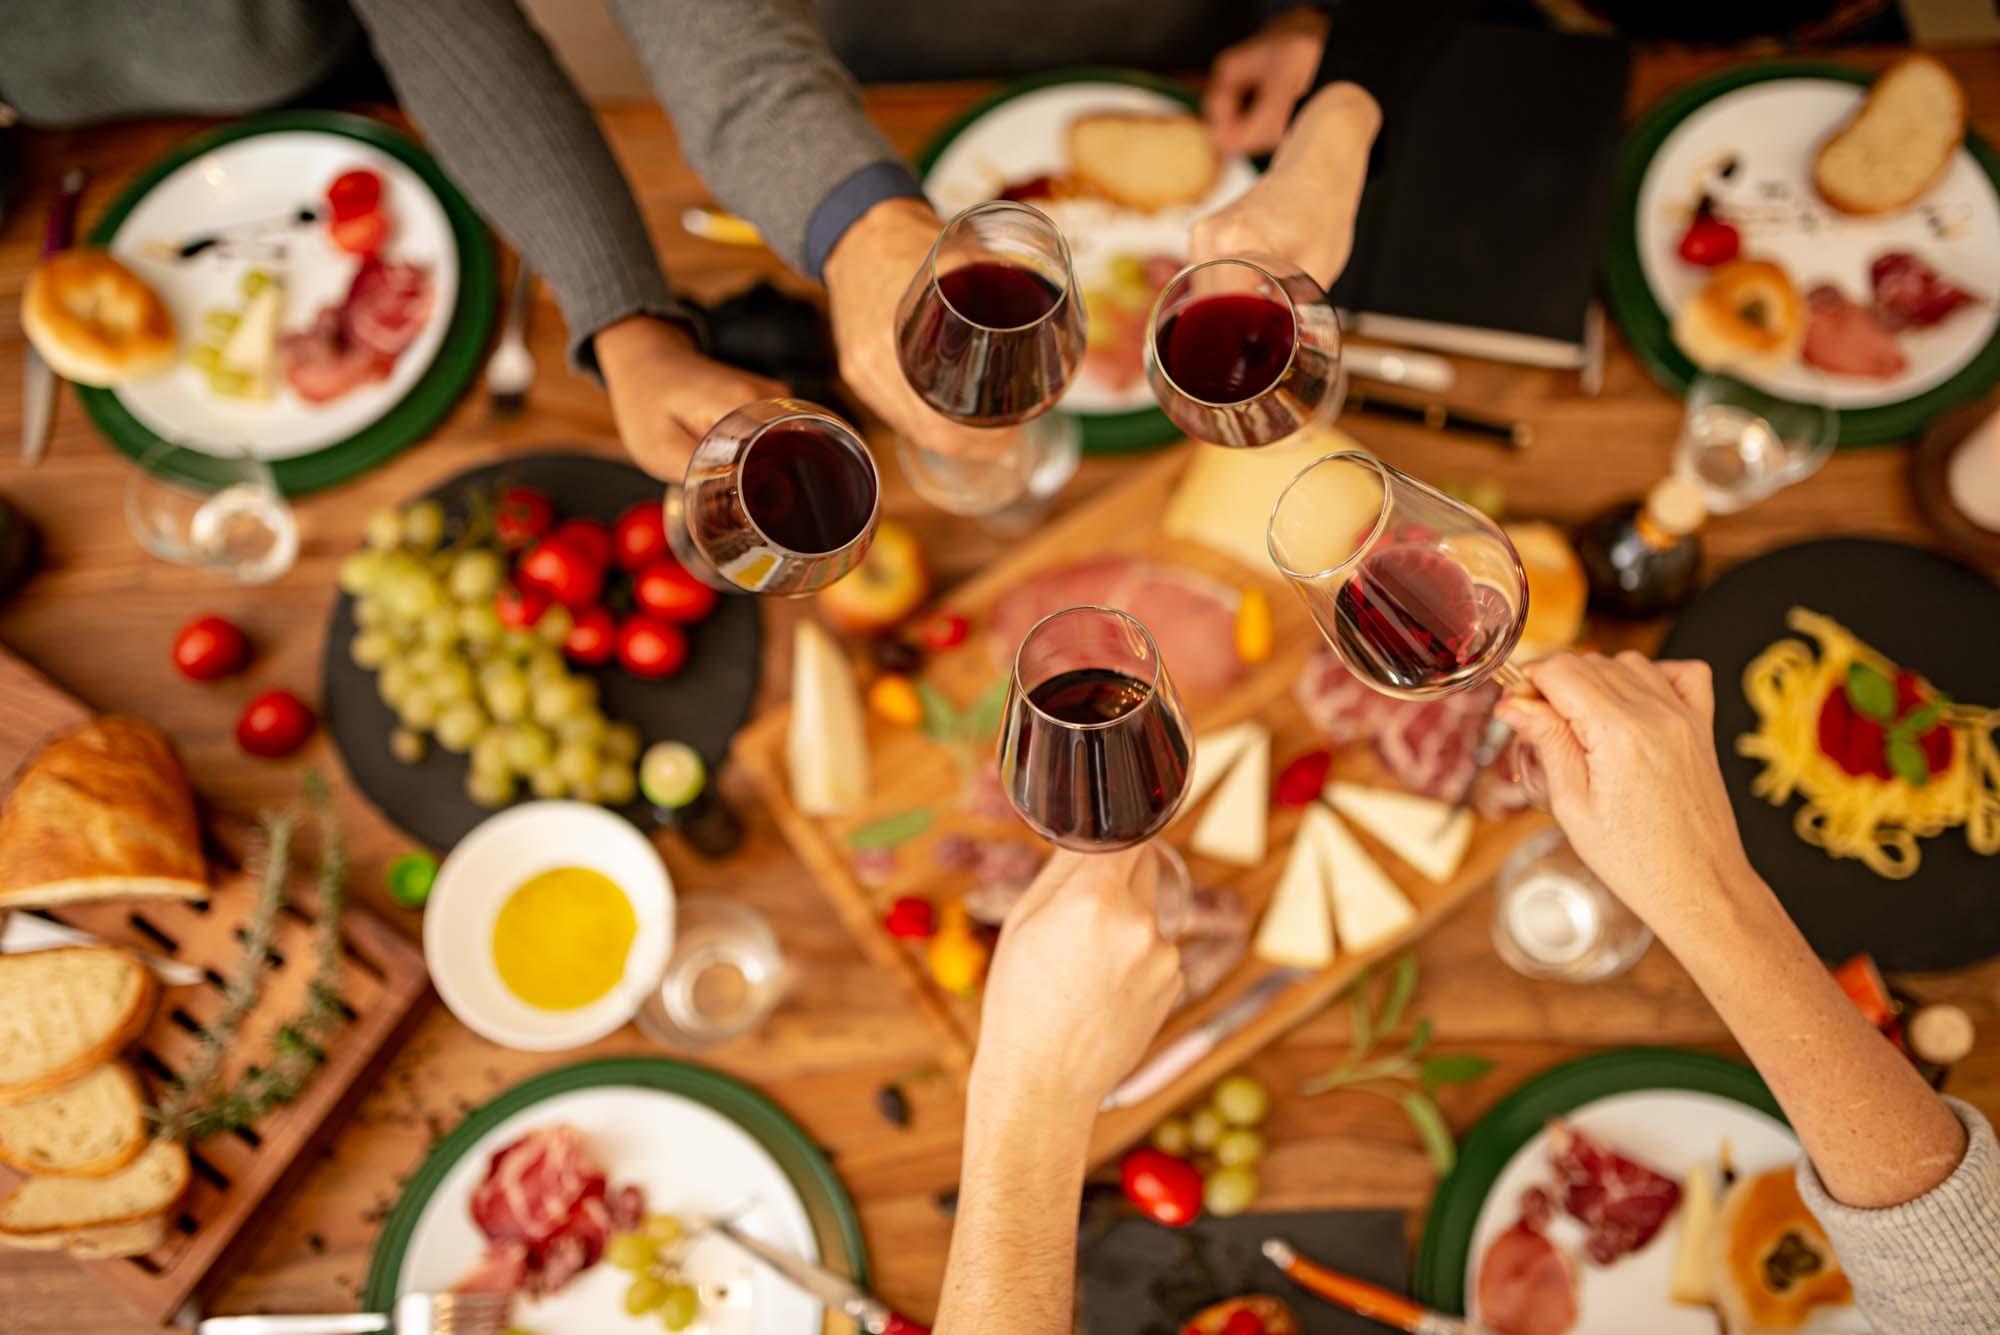 Corsi Di Cucina Formazione Manageriale a Livorno